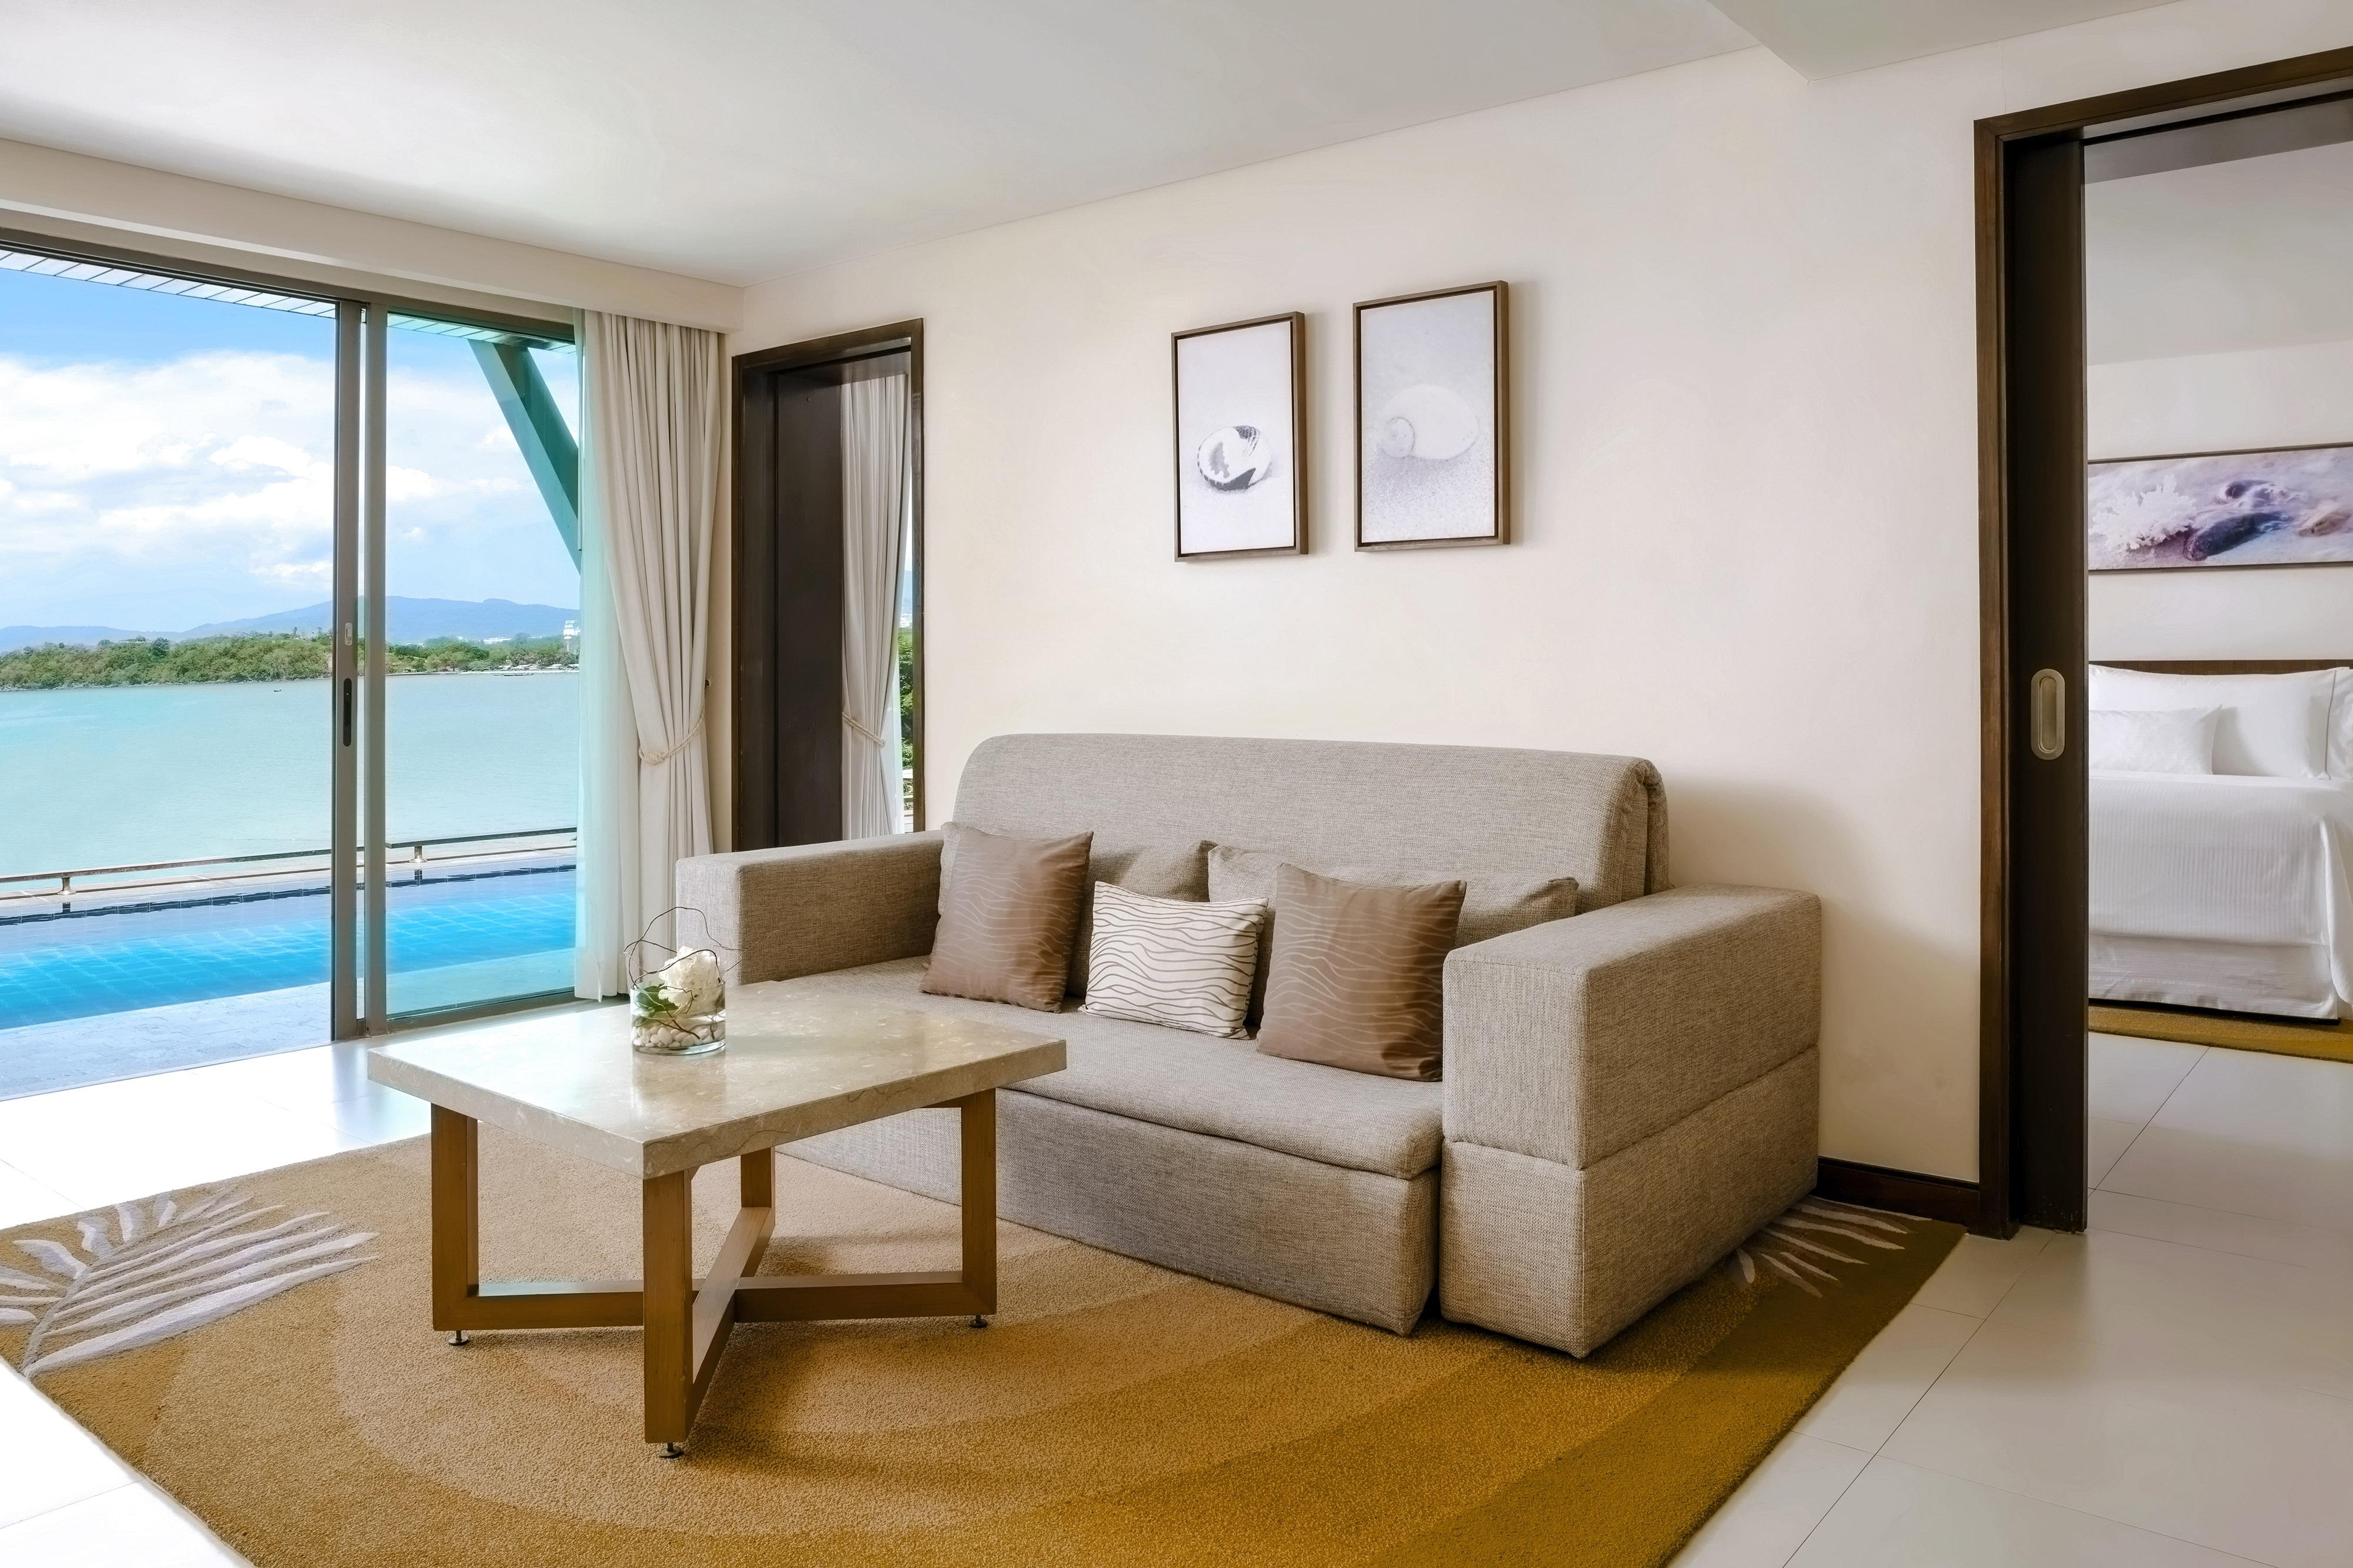 Suite Deluxe con accesso alla piscina e vista sul mare